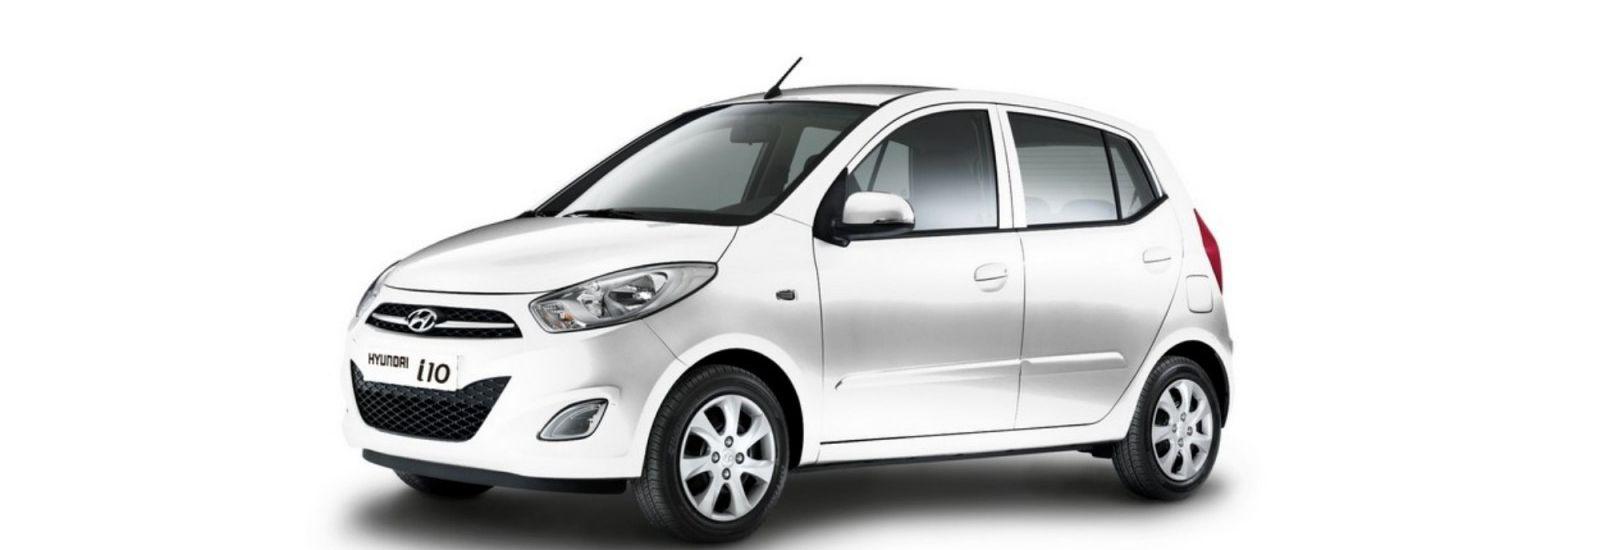 Pin On Hyundai I10